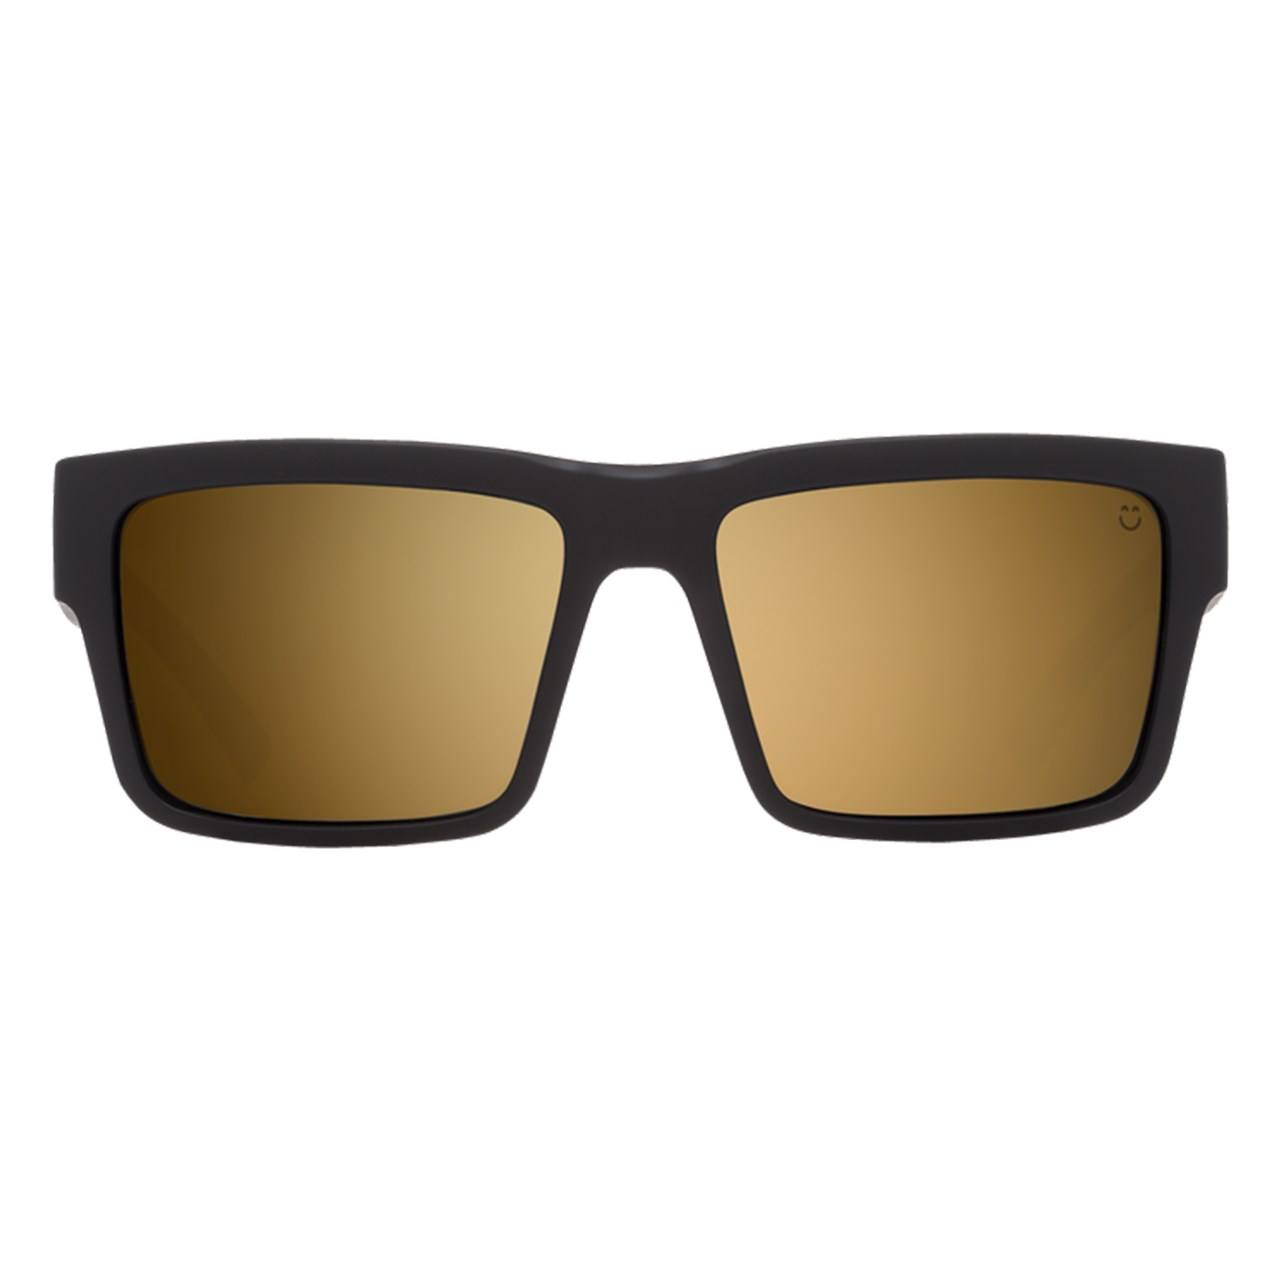 عینک آفتابی اسپای سری  Montana مدل Soft Matte Black Happy Bronze Gold Mirror -  - 1